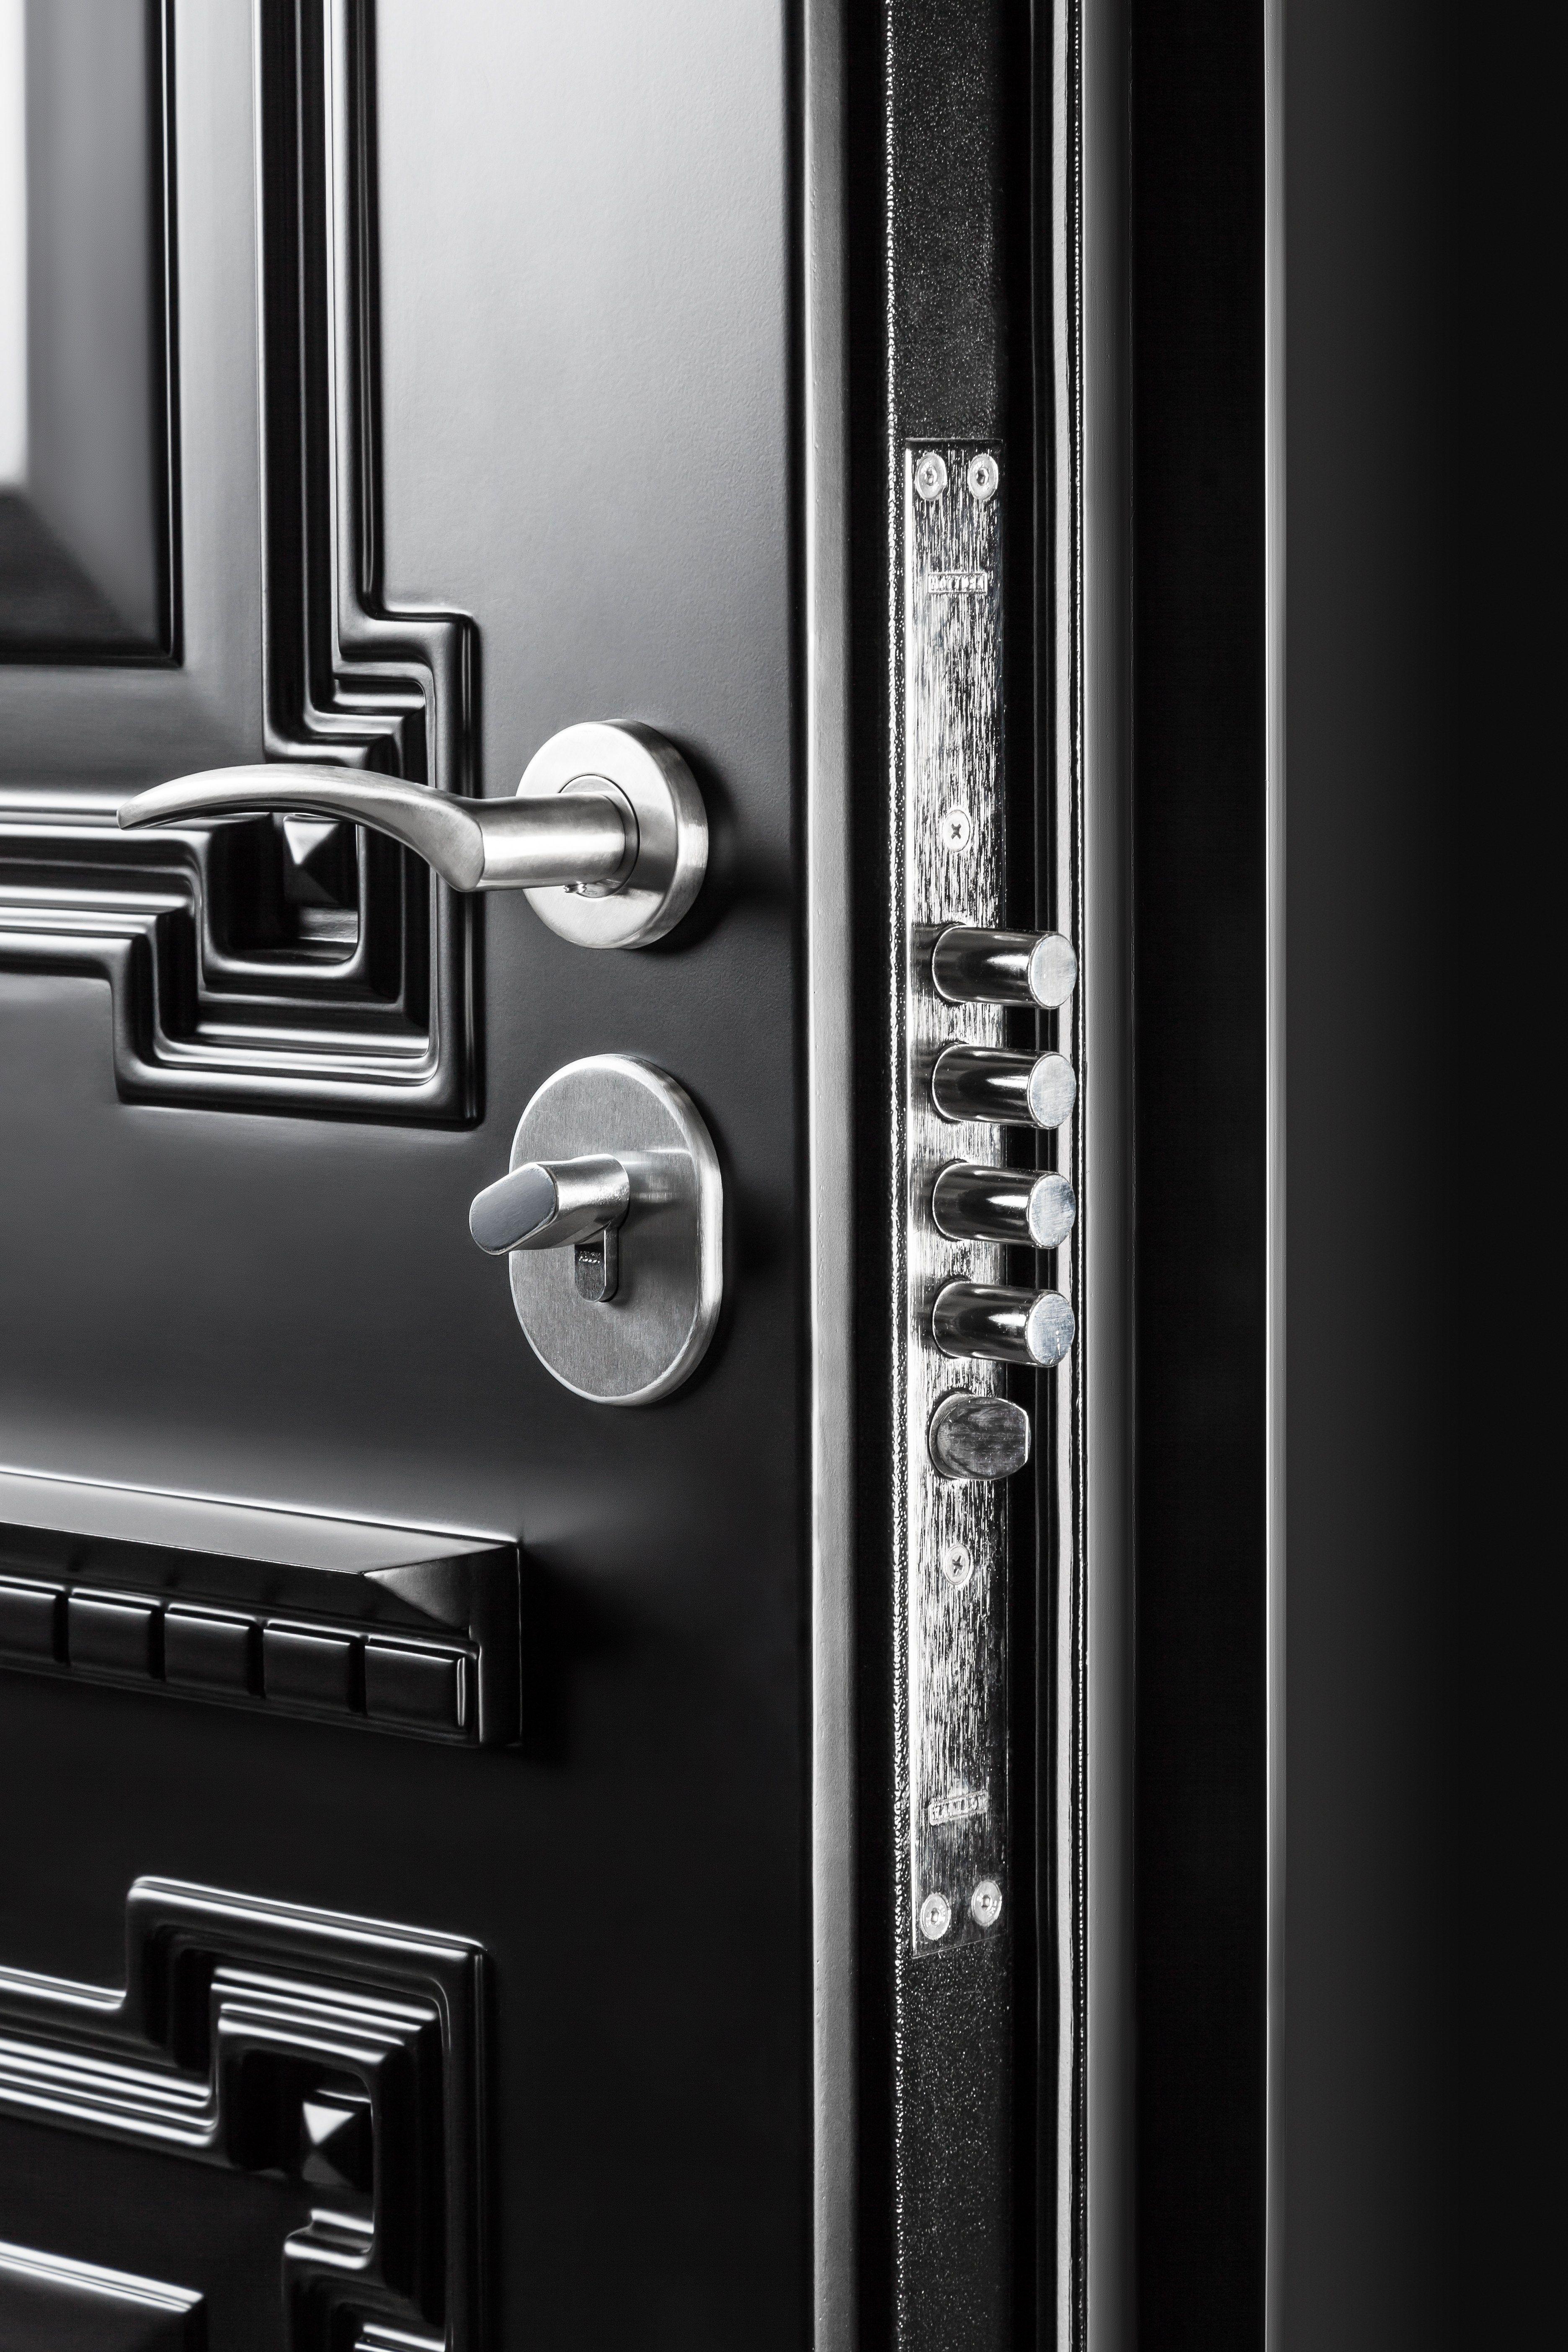 Extreme Security Door Fortress Series Hidden Door Store Sophisticated Hidden Bookcases Secret Mirrors Security Door Steel Security Doors Home Security Systems